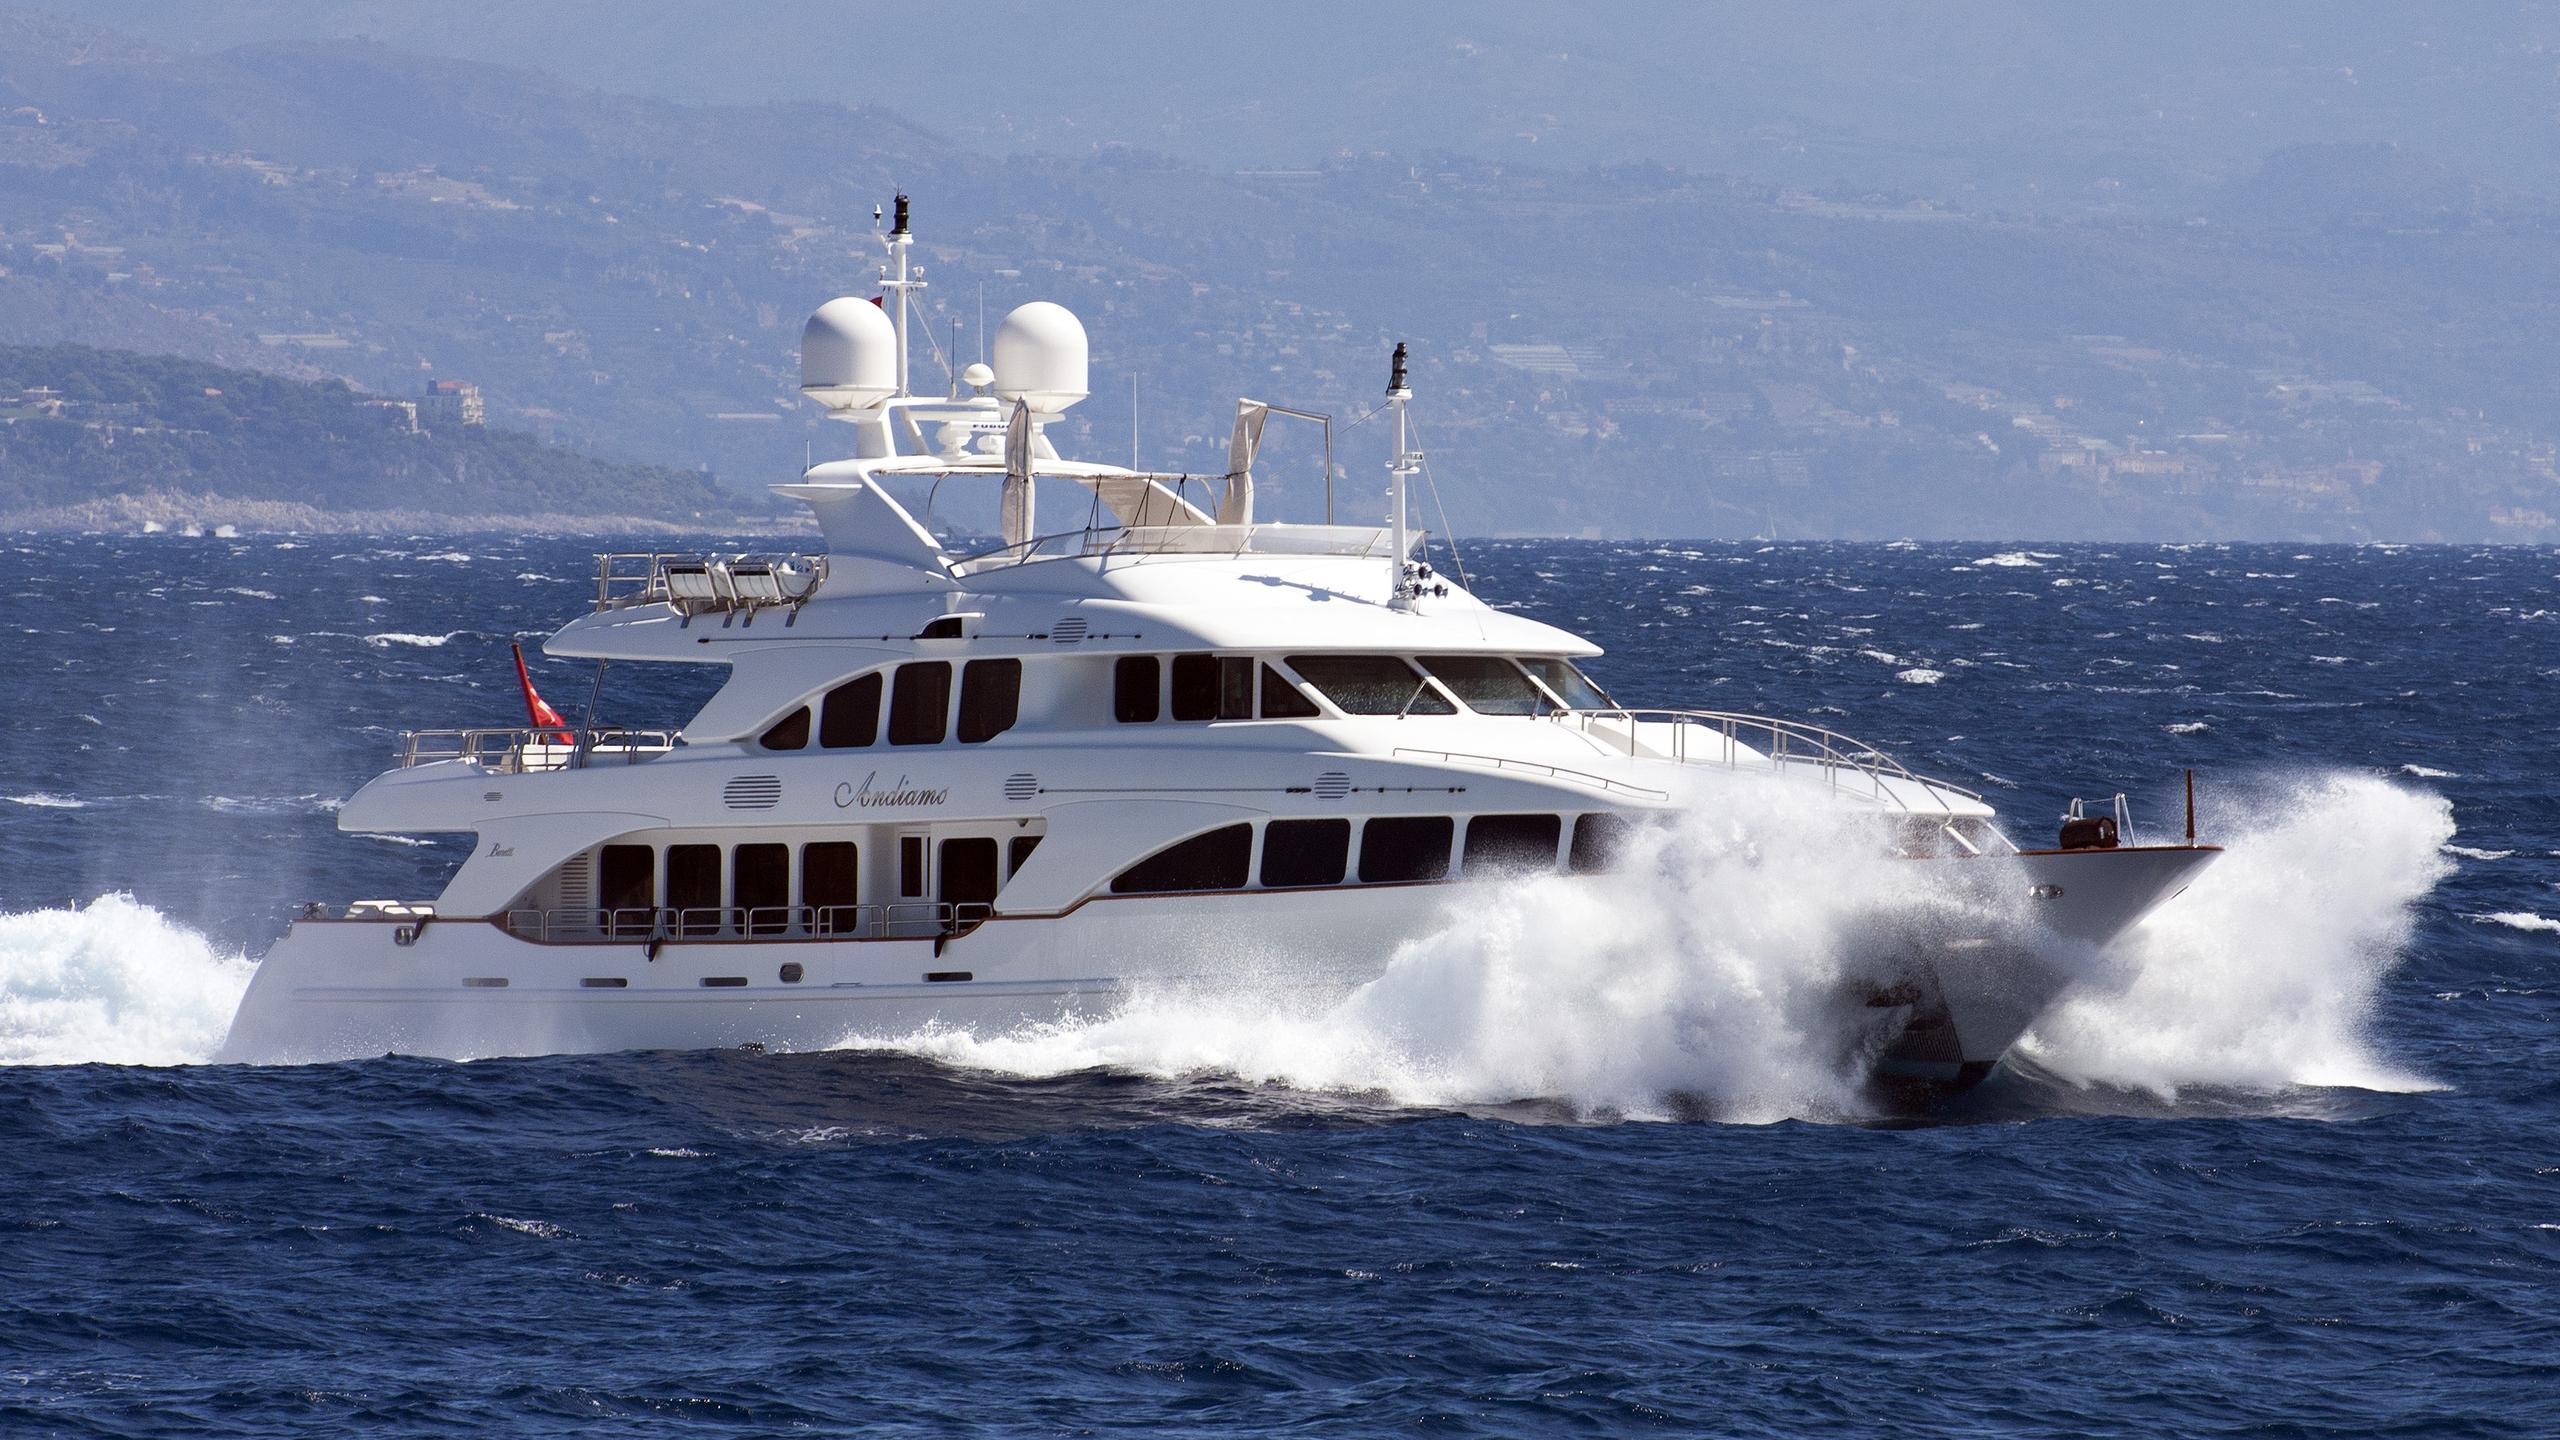 andiamo-motor-yacht-benetti-classic-120-2006-37m-cruising